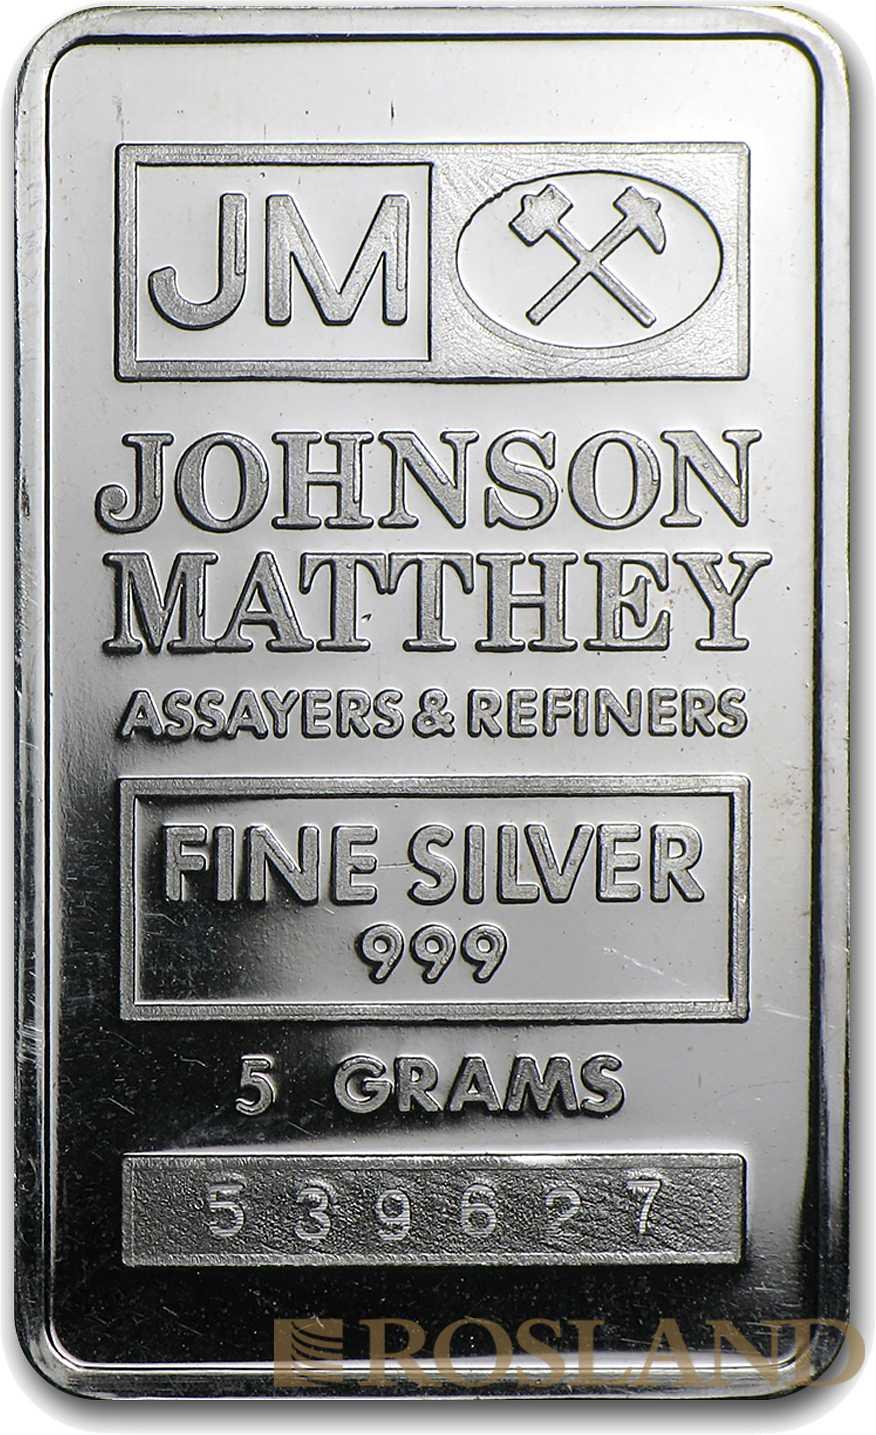 5 Gramm Silberbarren Johnson Matthey